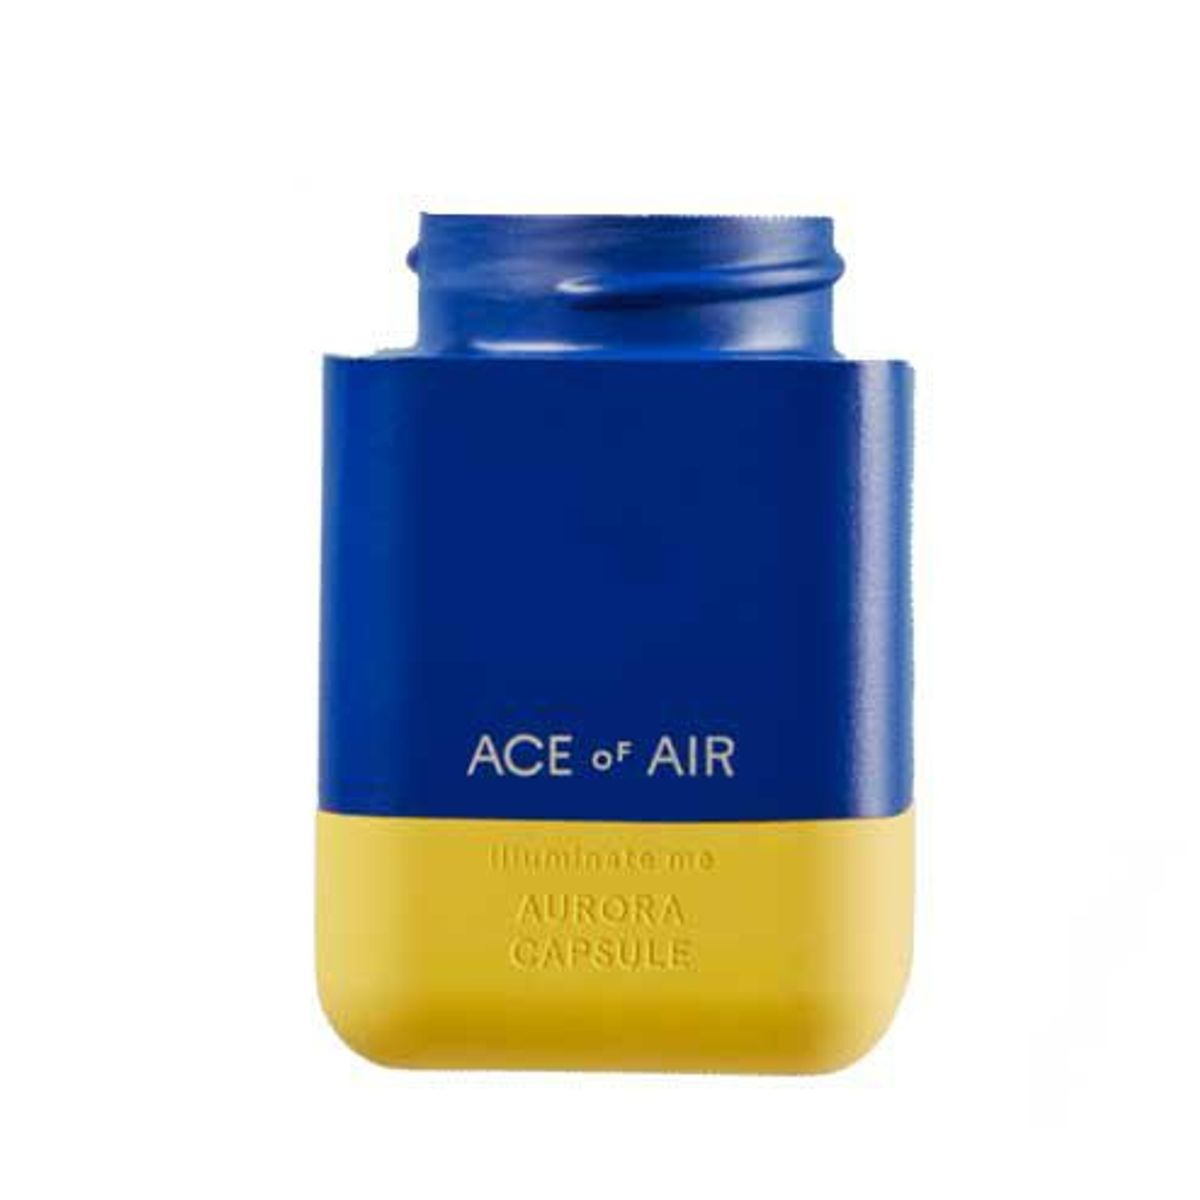 ace of air aurora capsule